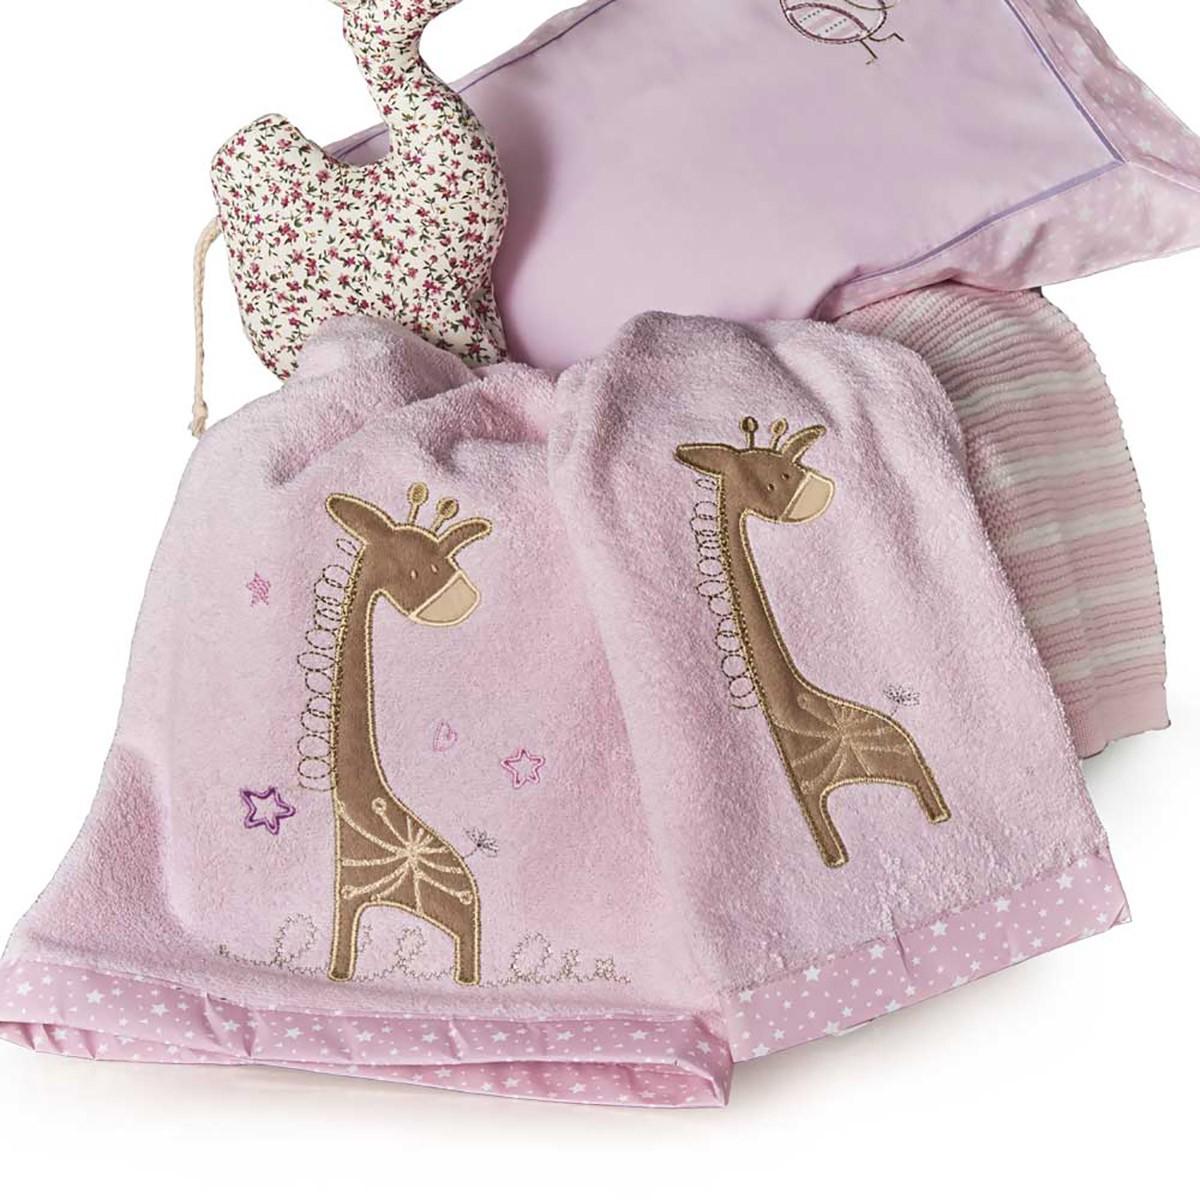 Βρεφικές Πετσέτες (Σετ 2τμχ) Kentia Baby Momo 14